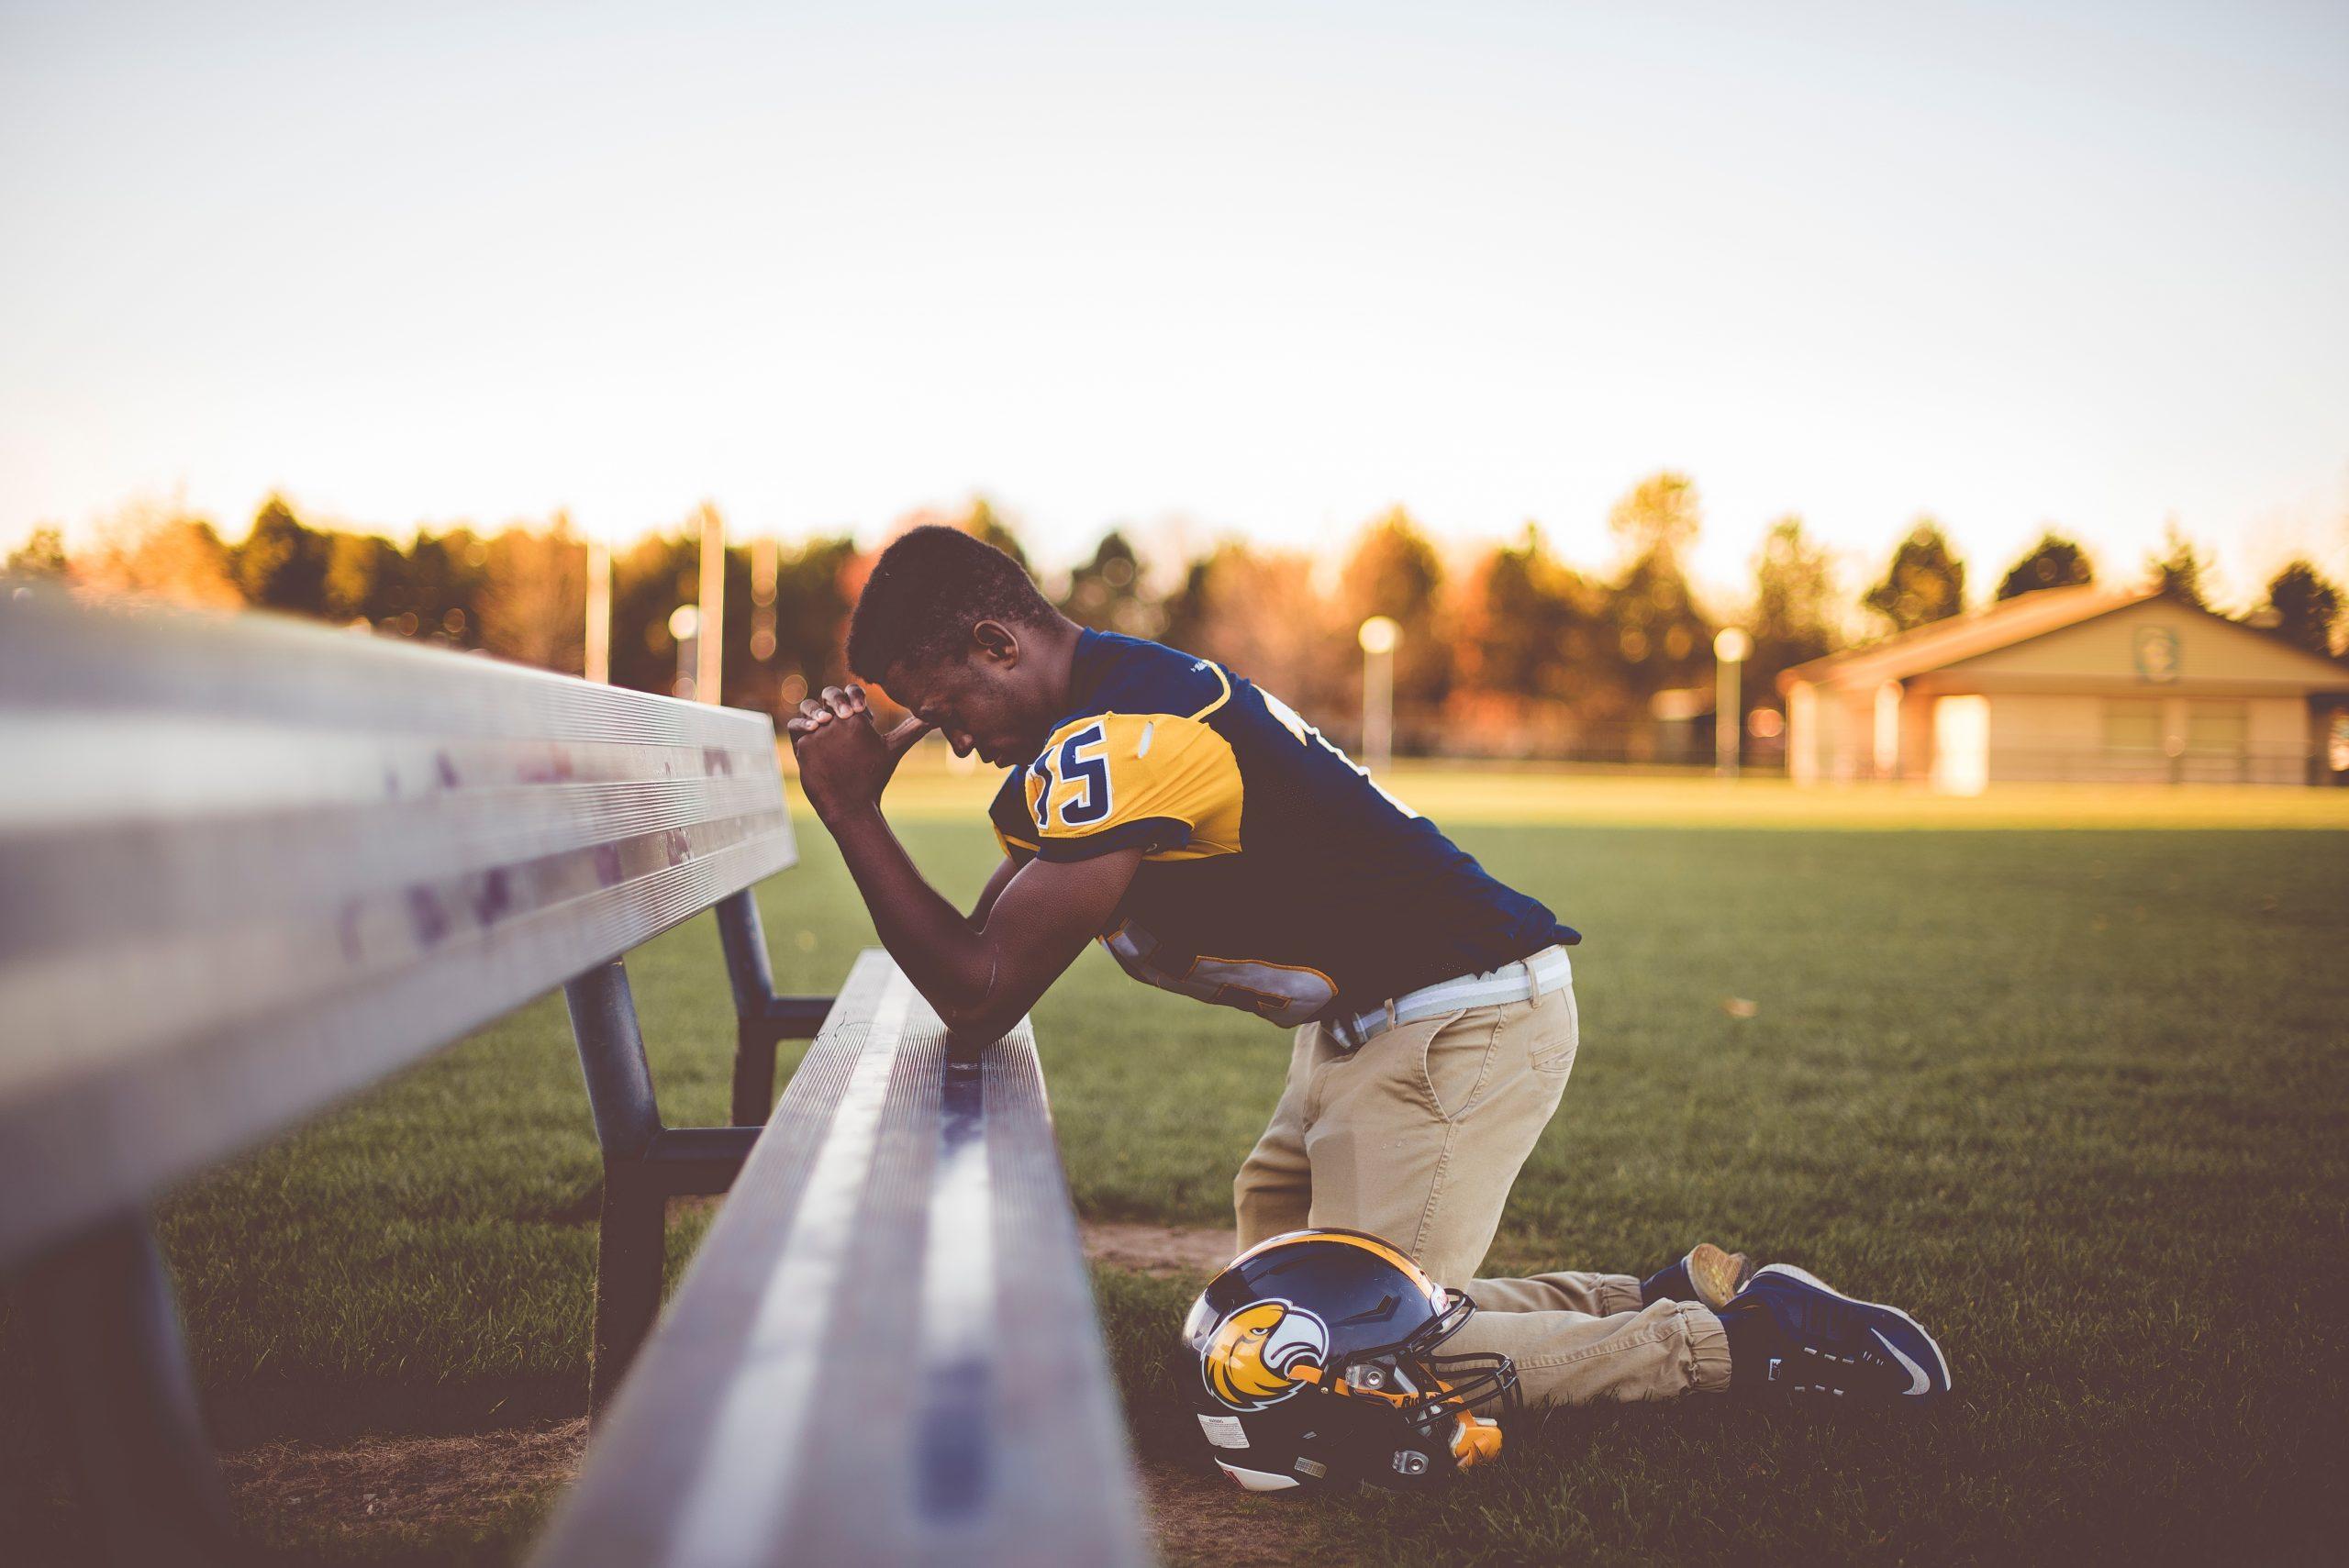 Everyone prays!